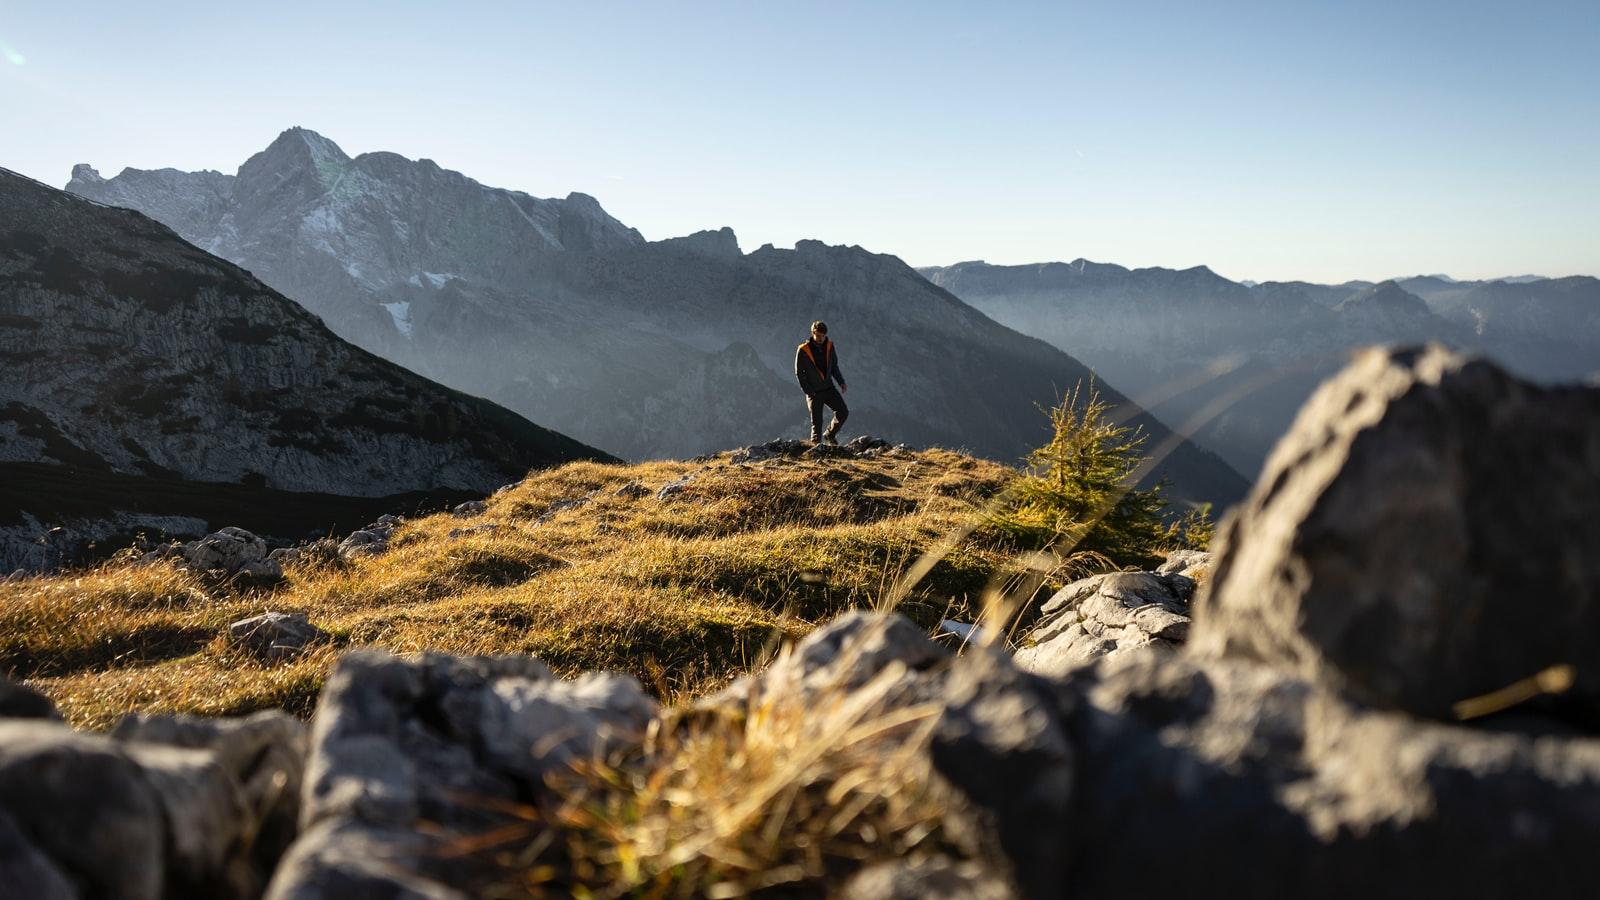 Bergfanaten,Startpunt van jouw bergavontuur